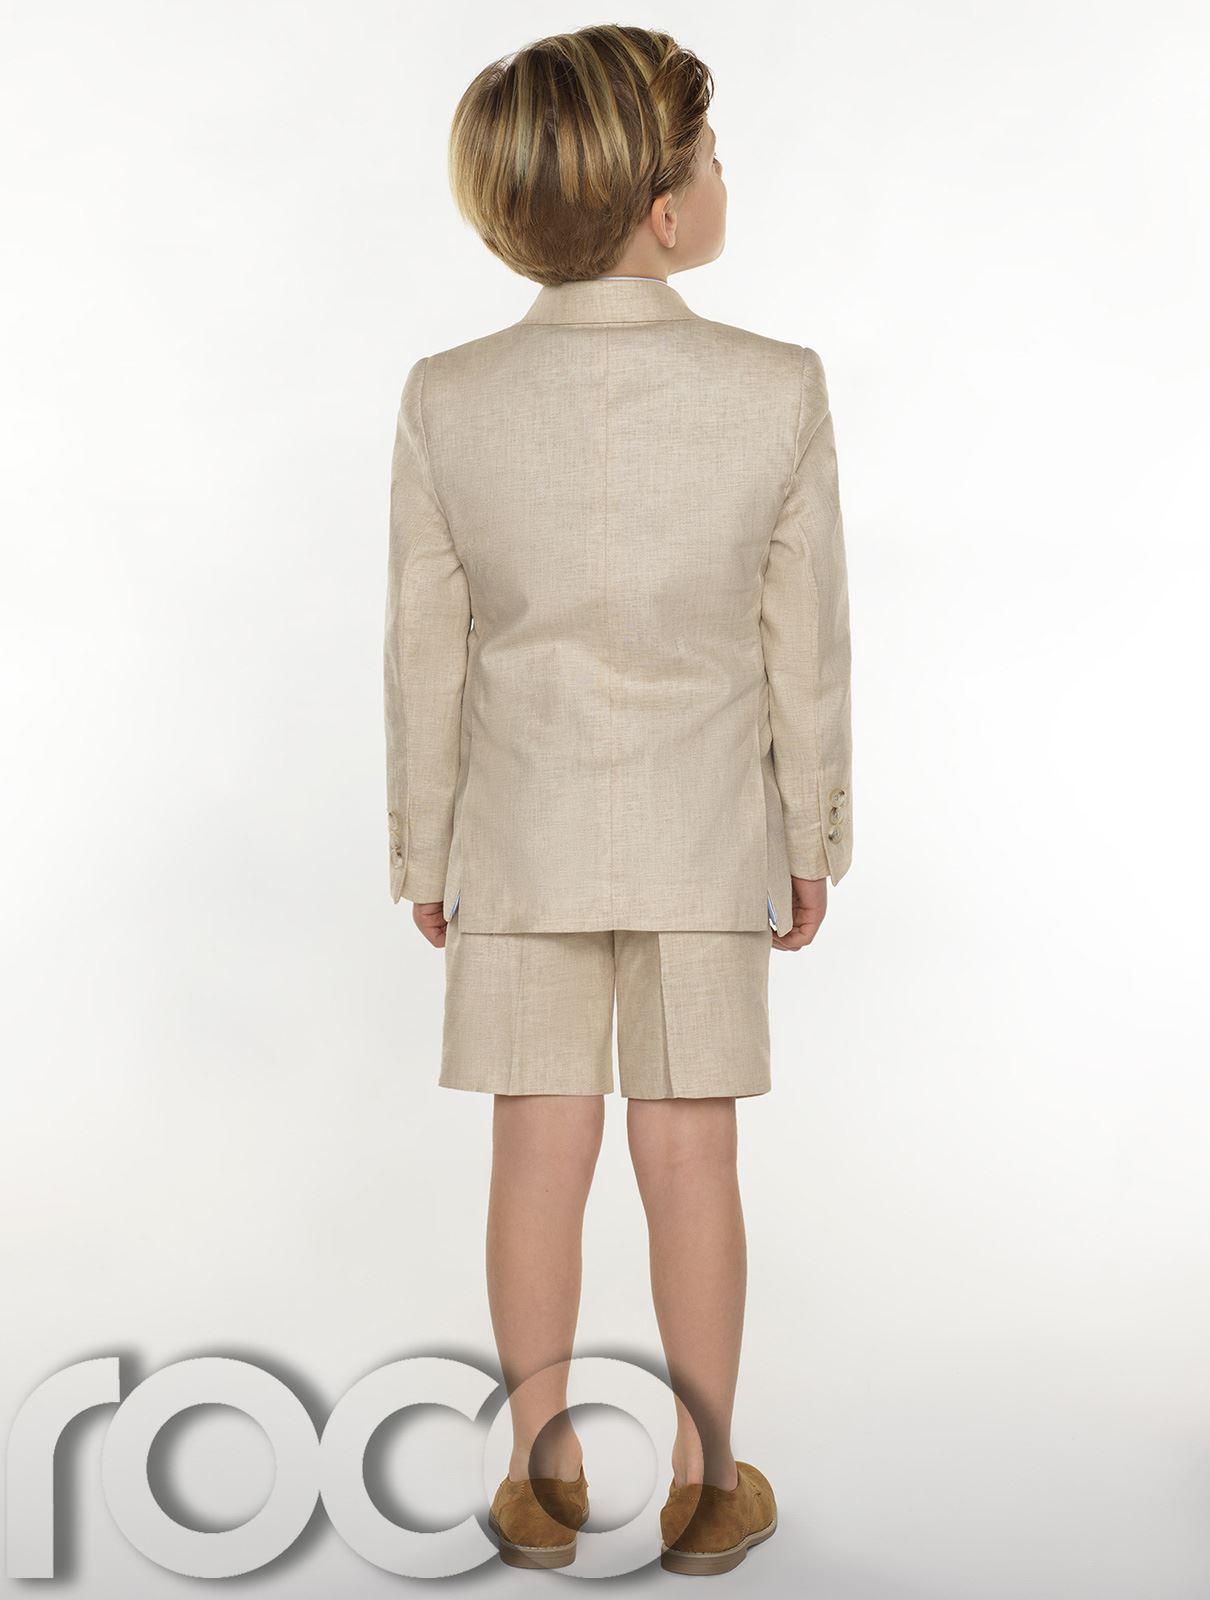 Boys-suits-boys-lin-costumes-page-garcon-tenues-garcons-formal-suits-avec-short miniature 6